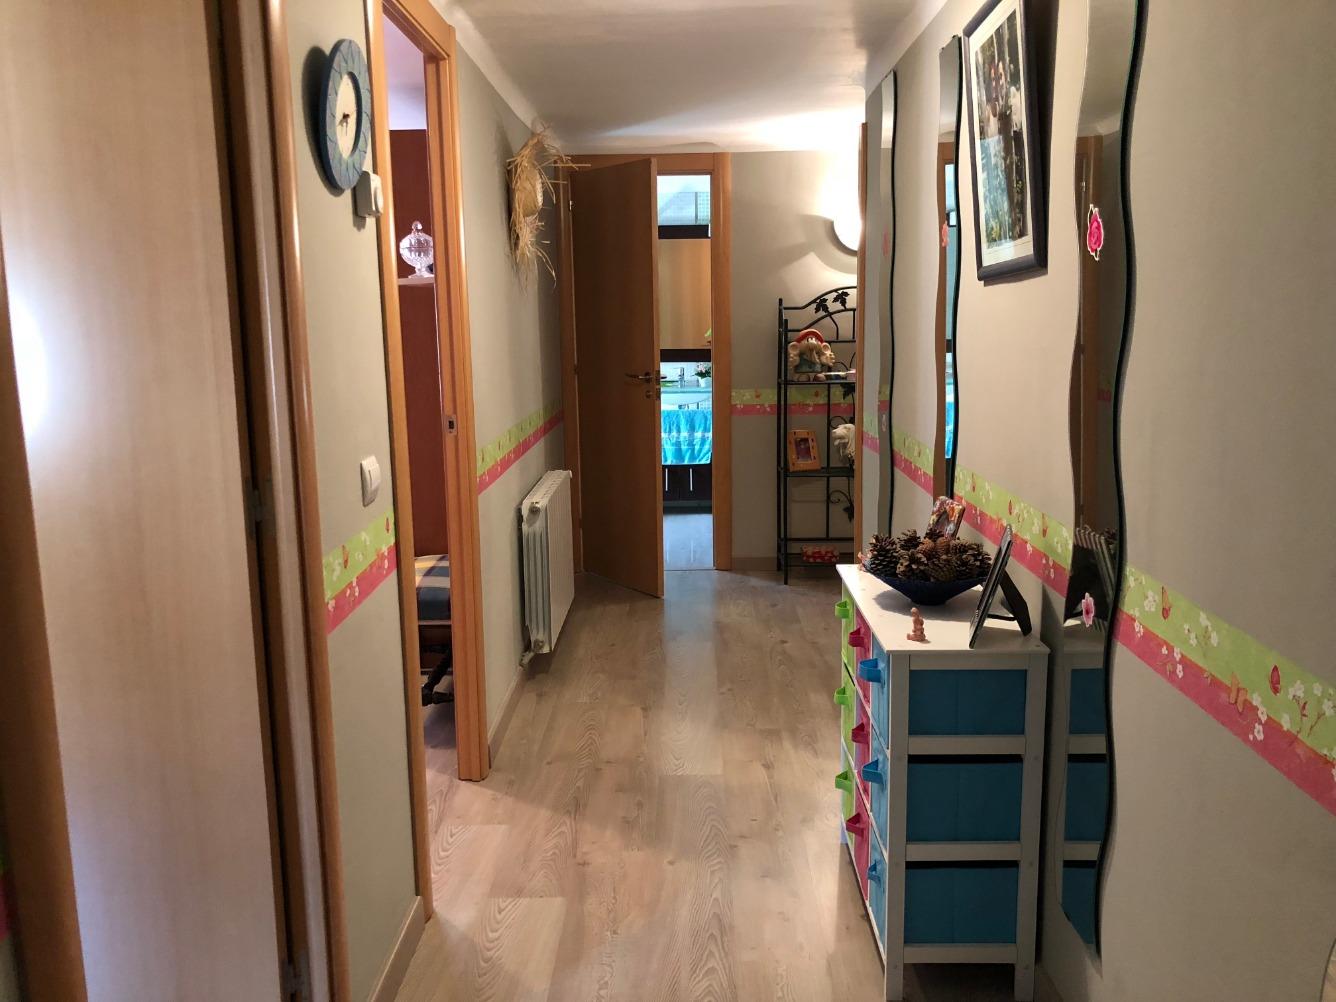 Haus  Calle les flors, 5. En venda magnifica casa de 4 habitacions i 2 banys, recentment r